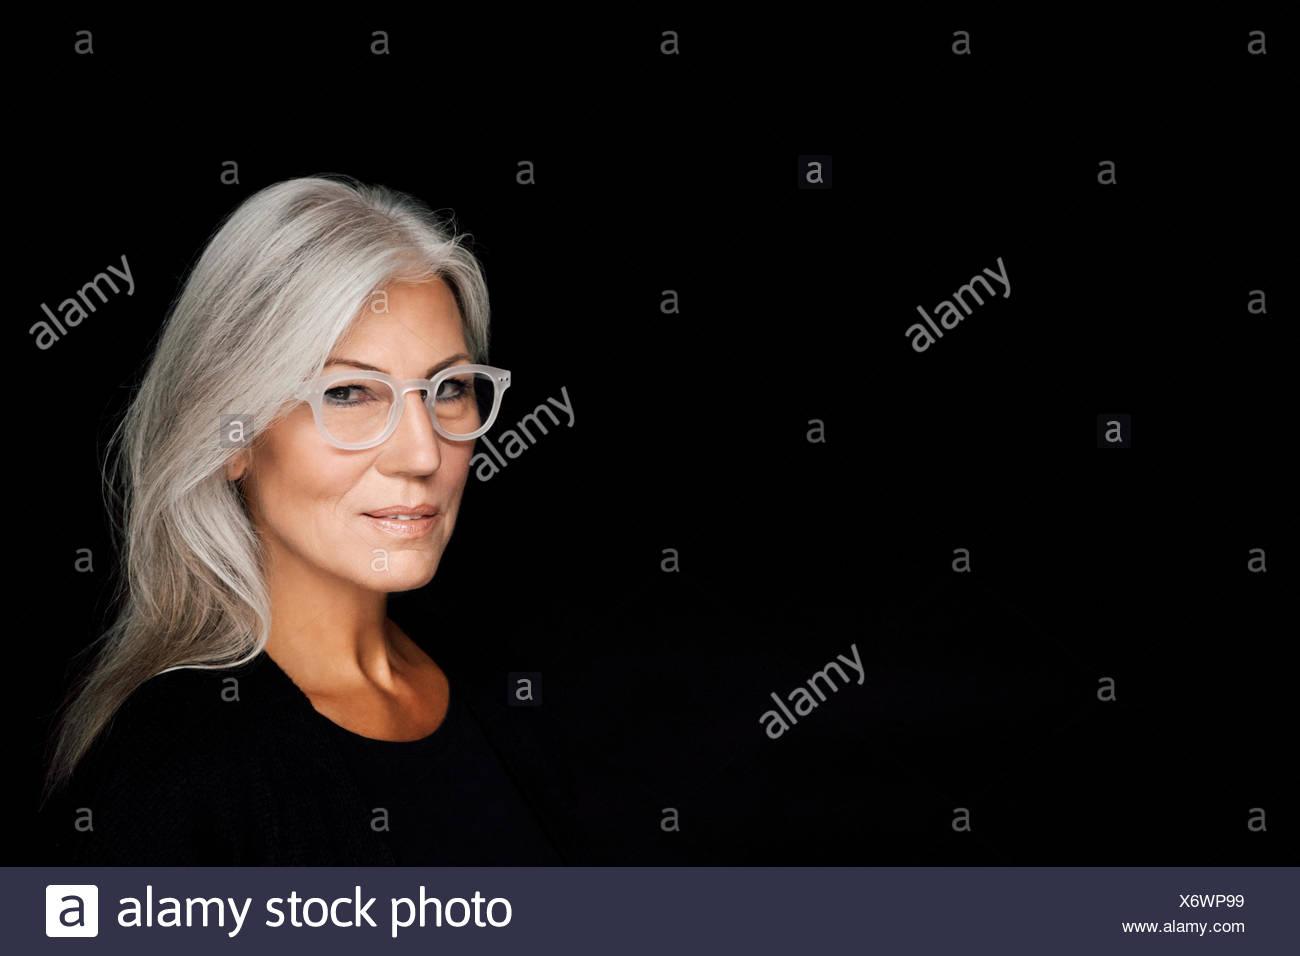 Porträt Von Reife Frau Mit Grauen Haaren Die Das Tragen Einer